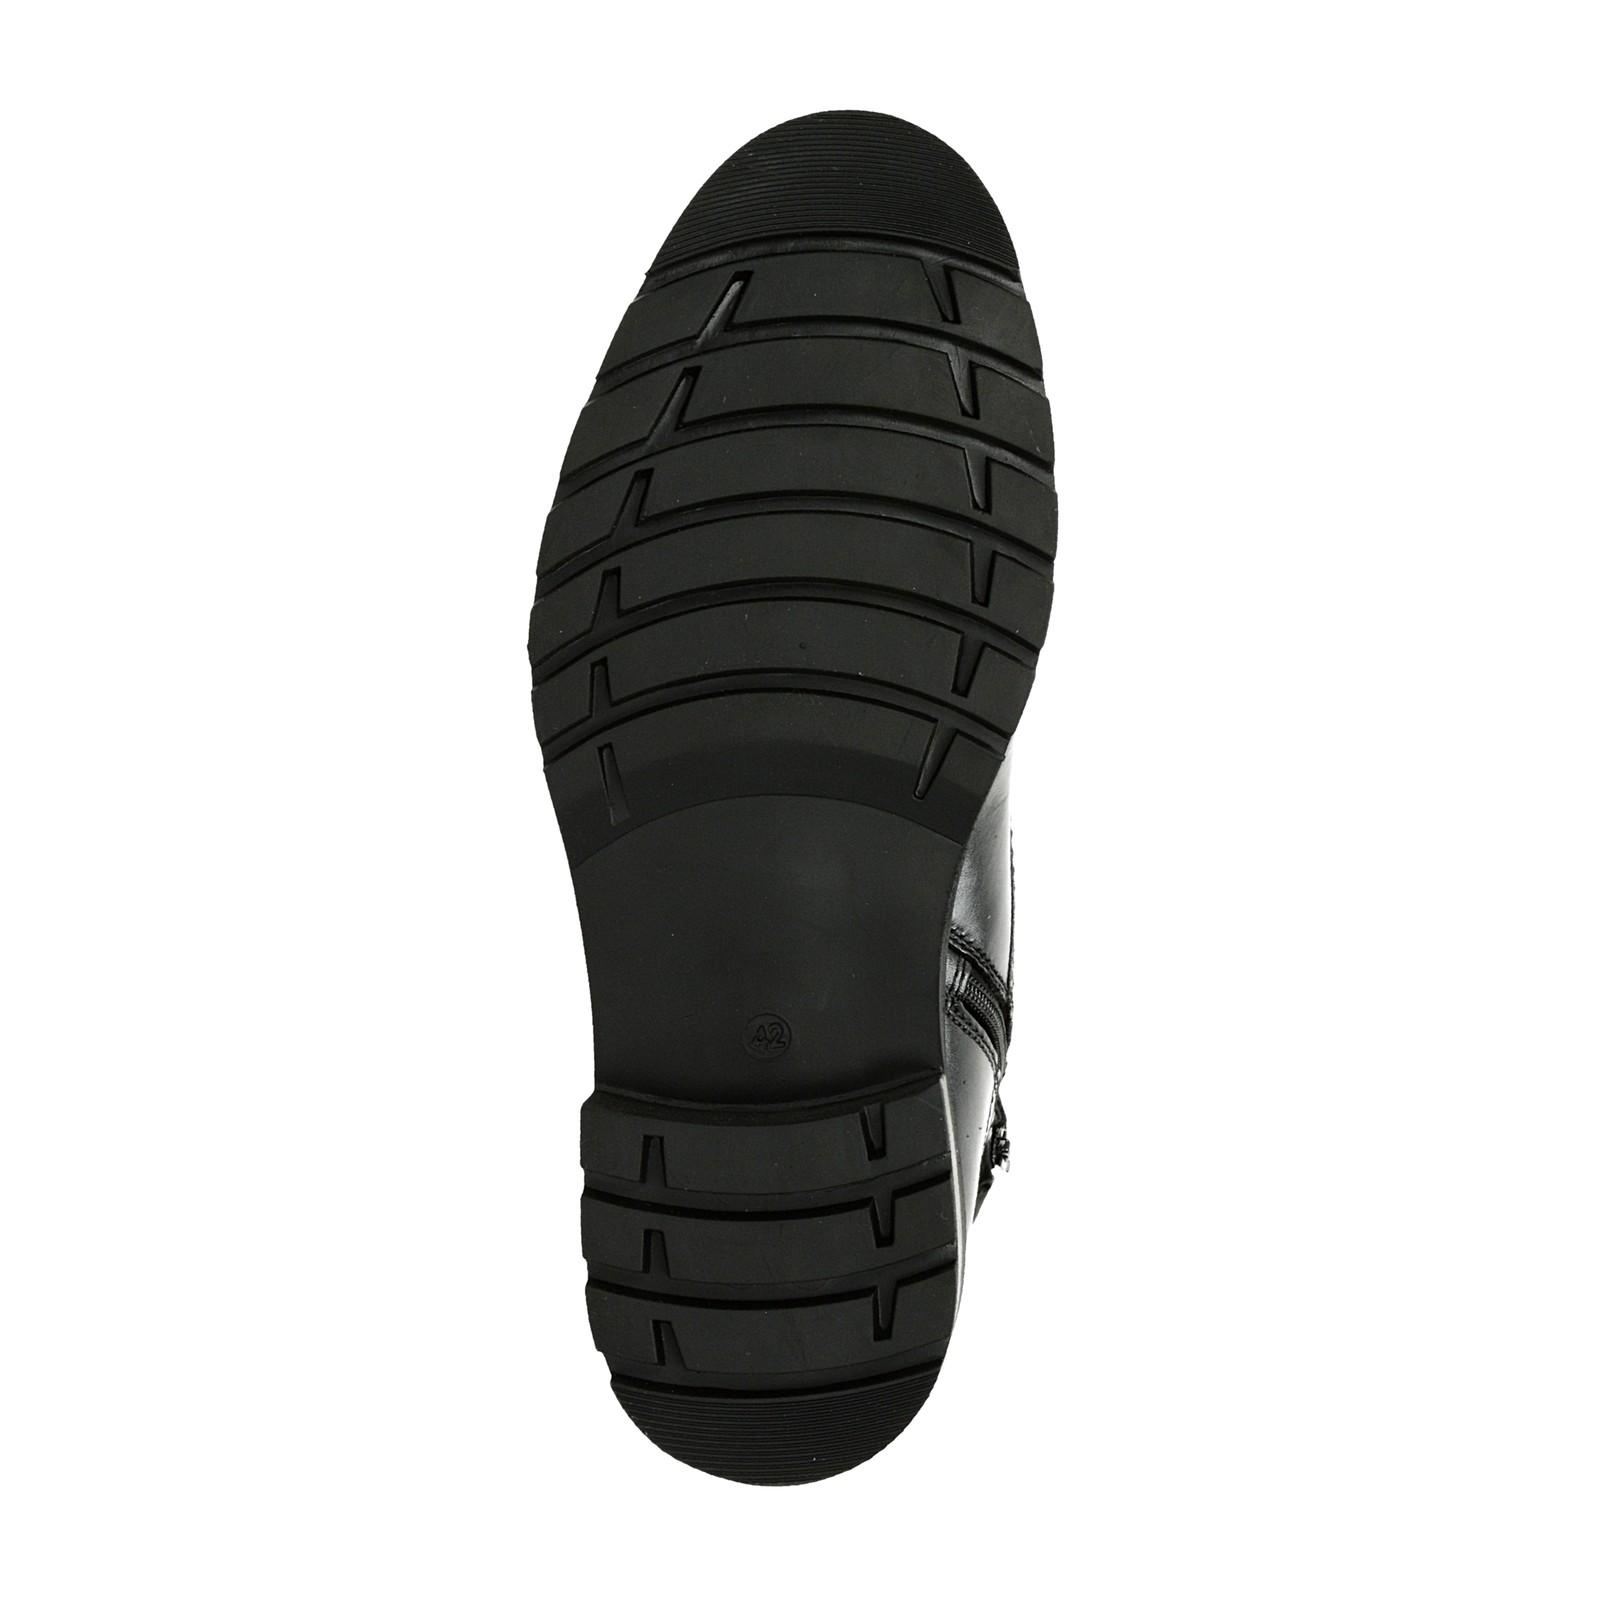 Robel pánské kožené zateplené kozačky - černé